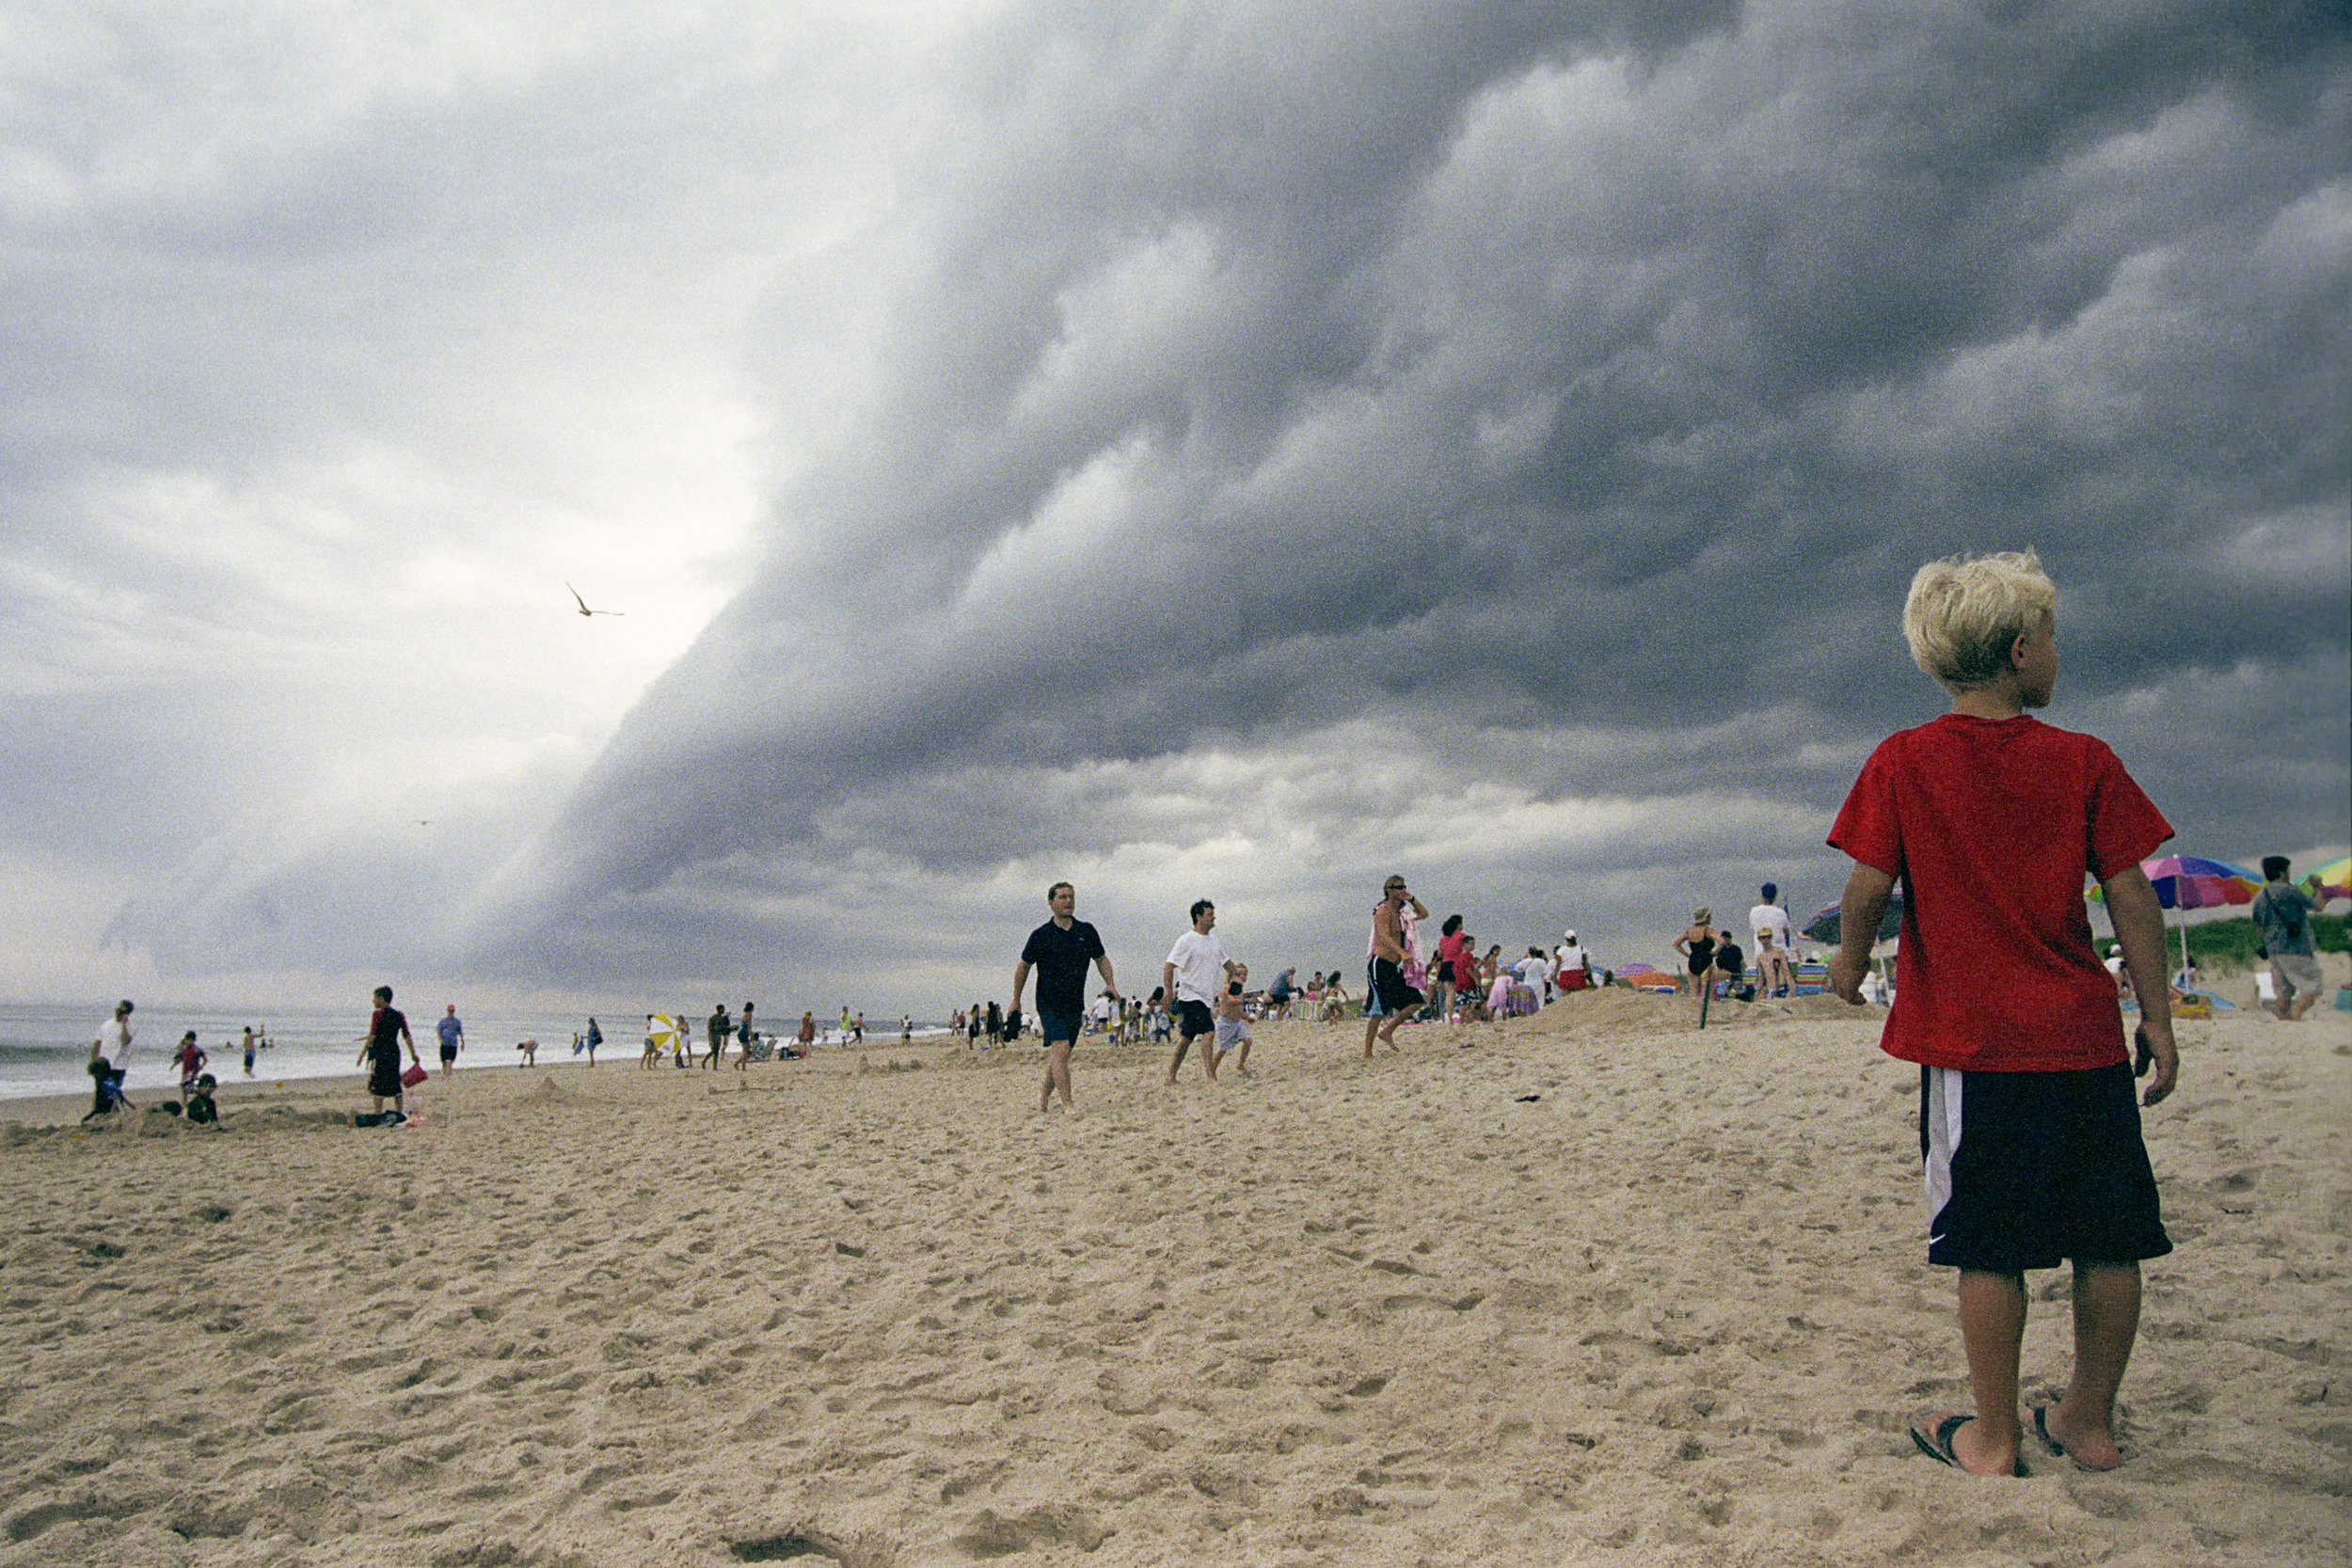 Joan_Kane08-08-15 beach storm 3-2.jpg